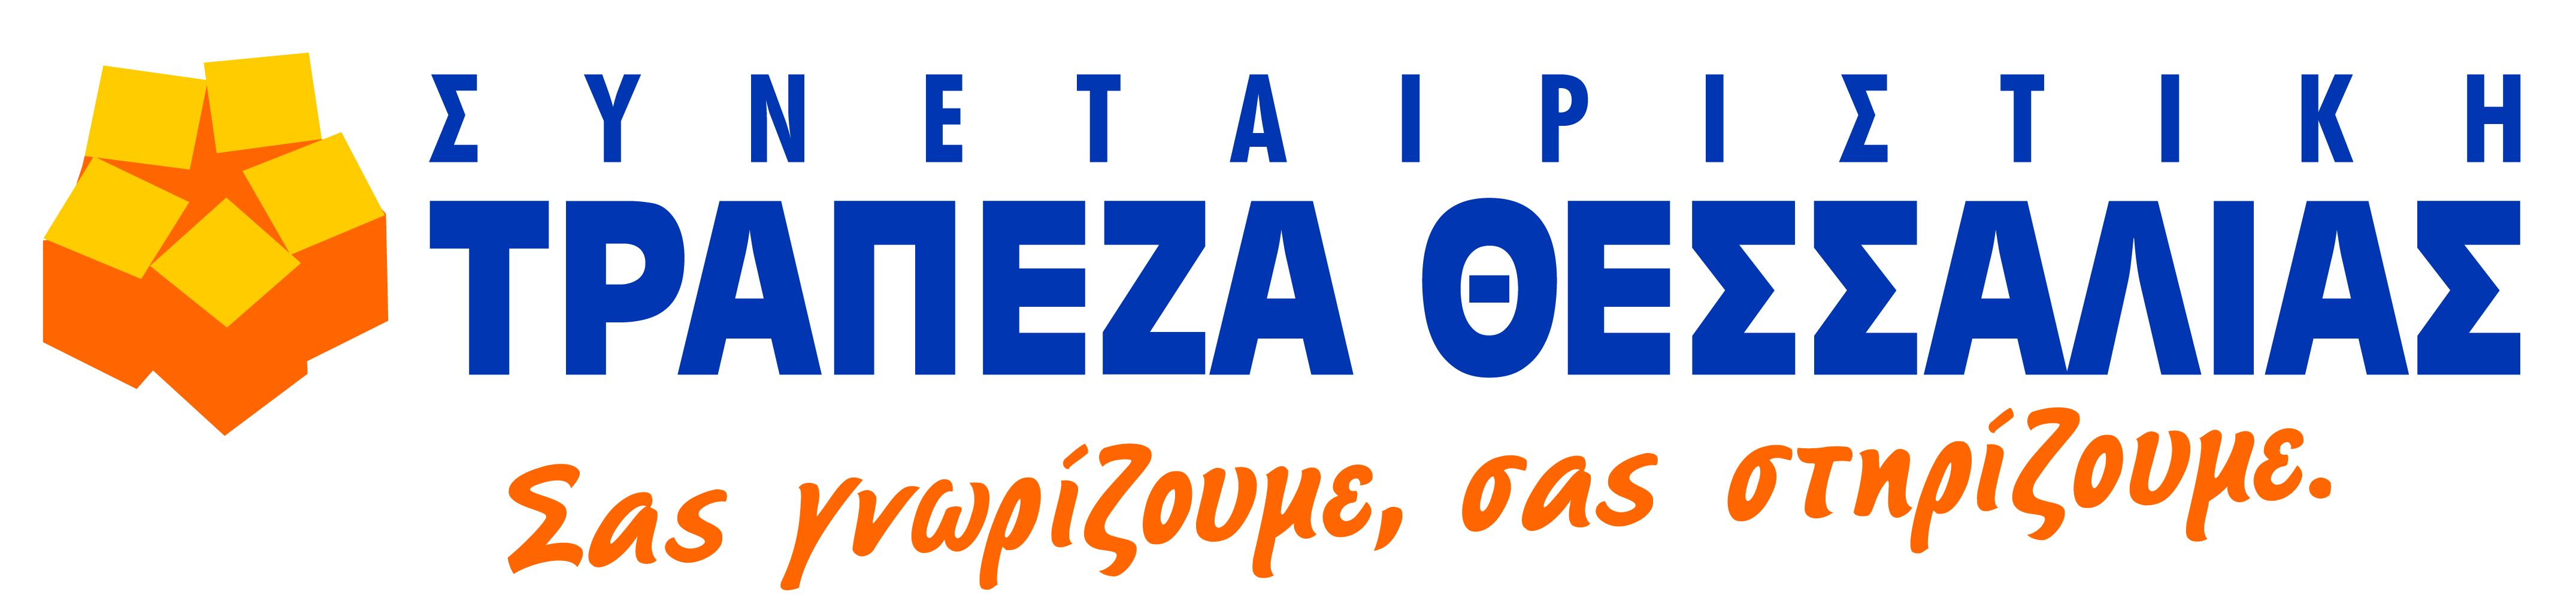 Αποτέλεσμα εικόνας για Συνεταιριστική+Τράπεζα+Θεσσαλίας